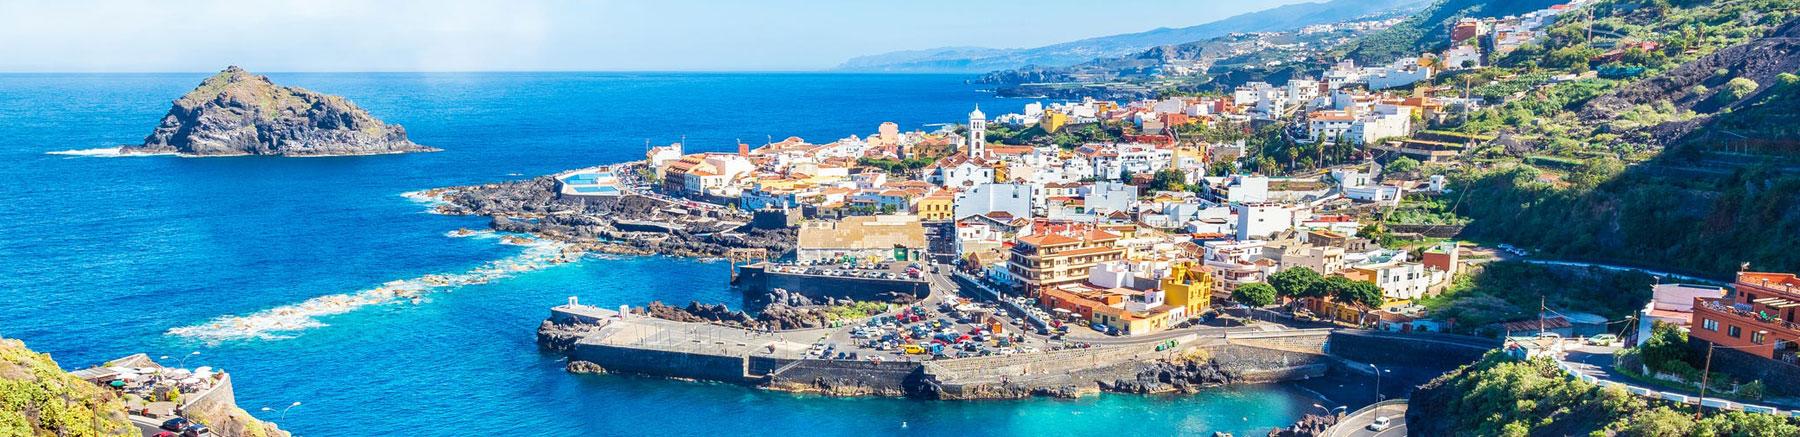 Transferts aéroport Tenerife Sud